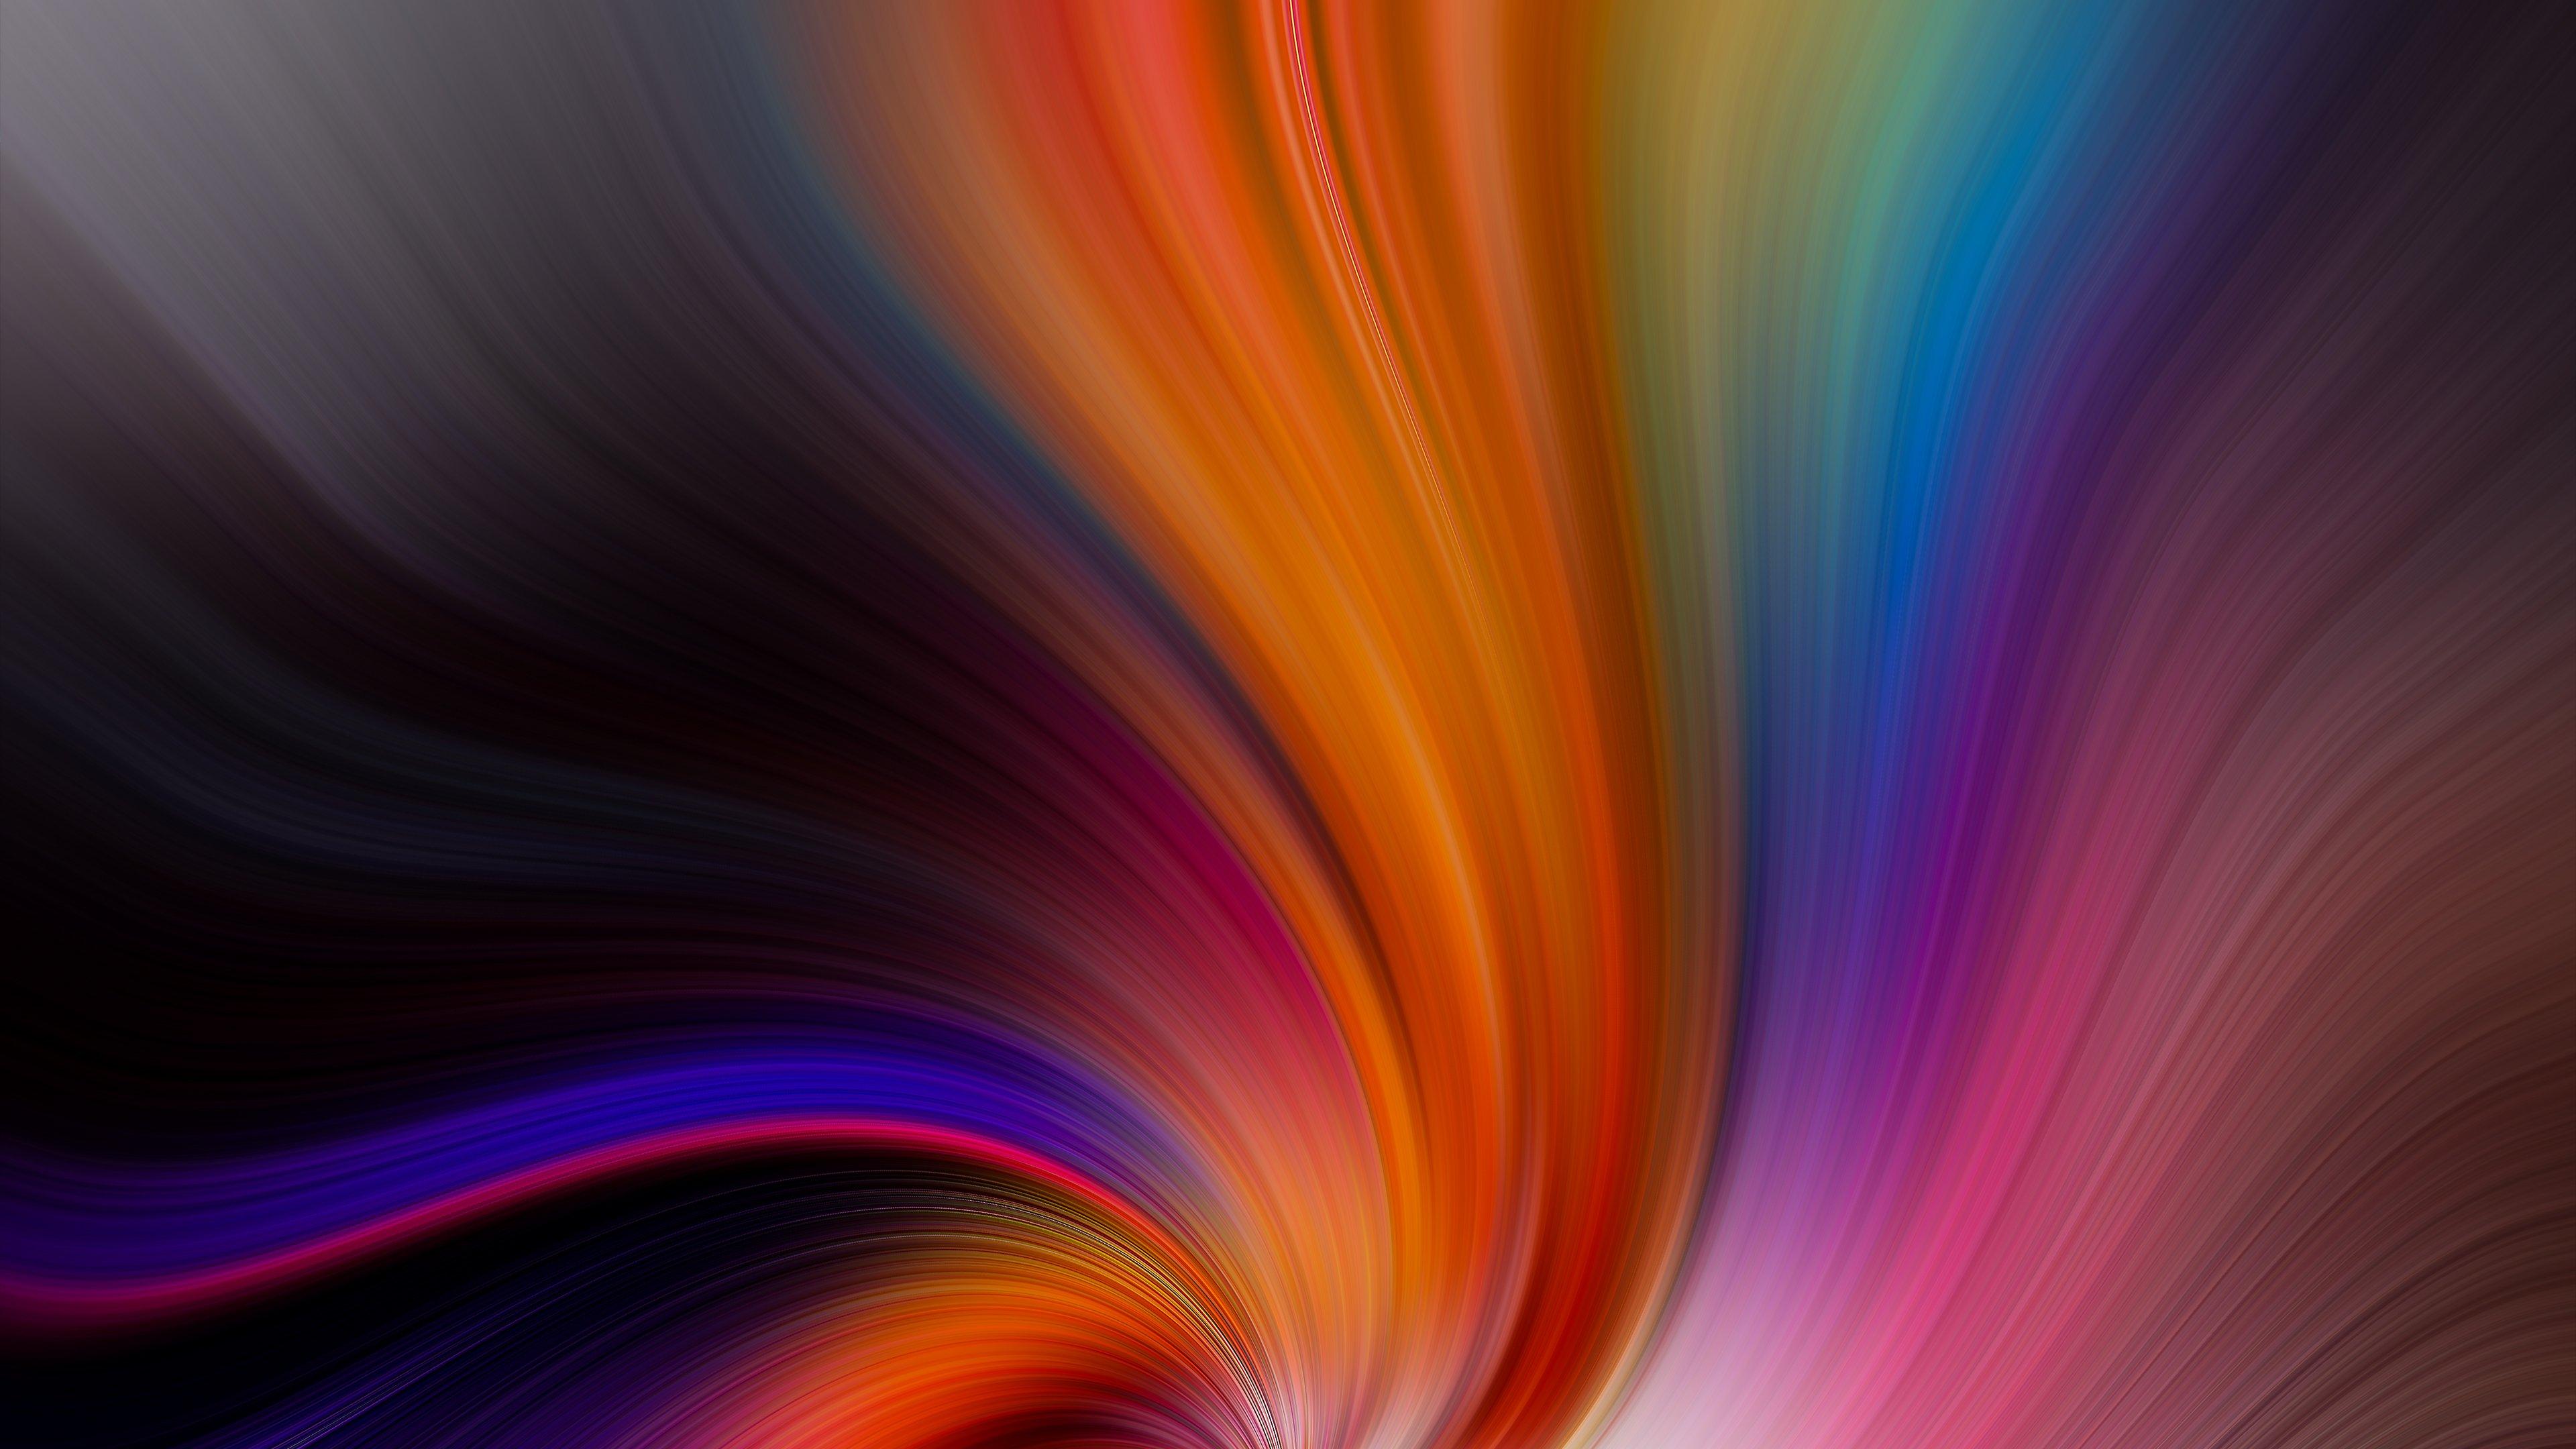 Fondos de pantalla Colores en remolino abstracto